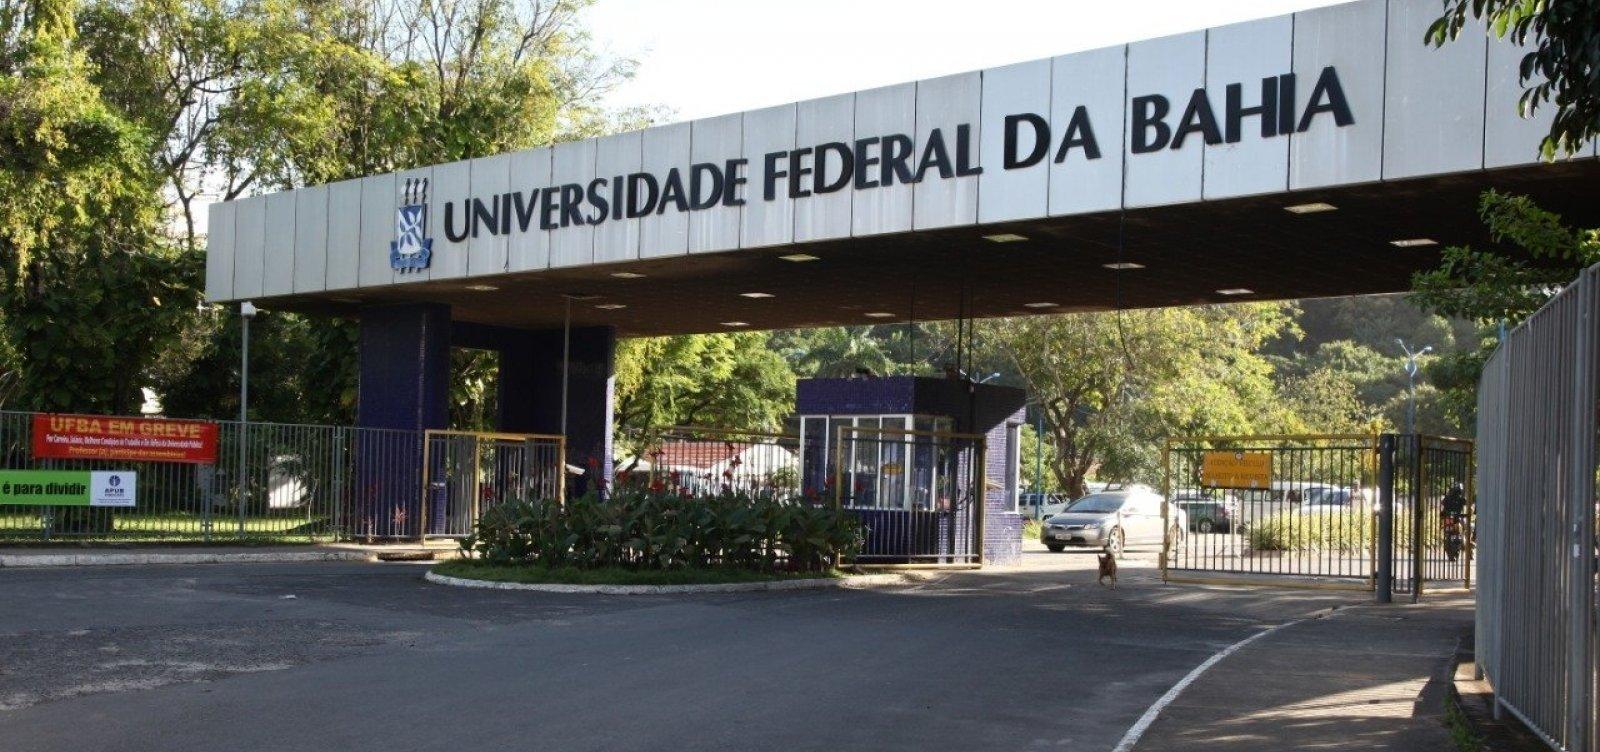 Ufba aparece em ranking de universidades com melhores cientistas da América Latina